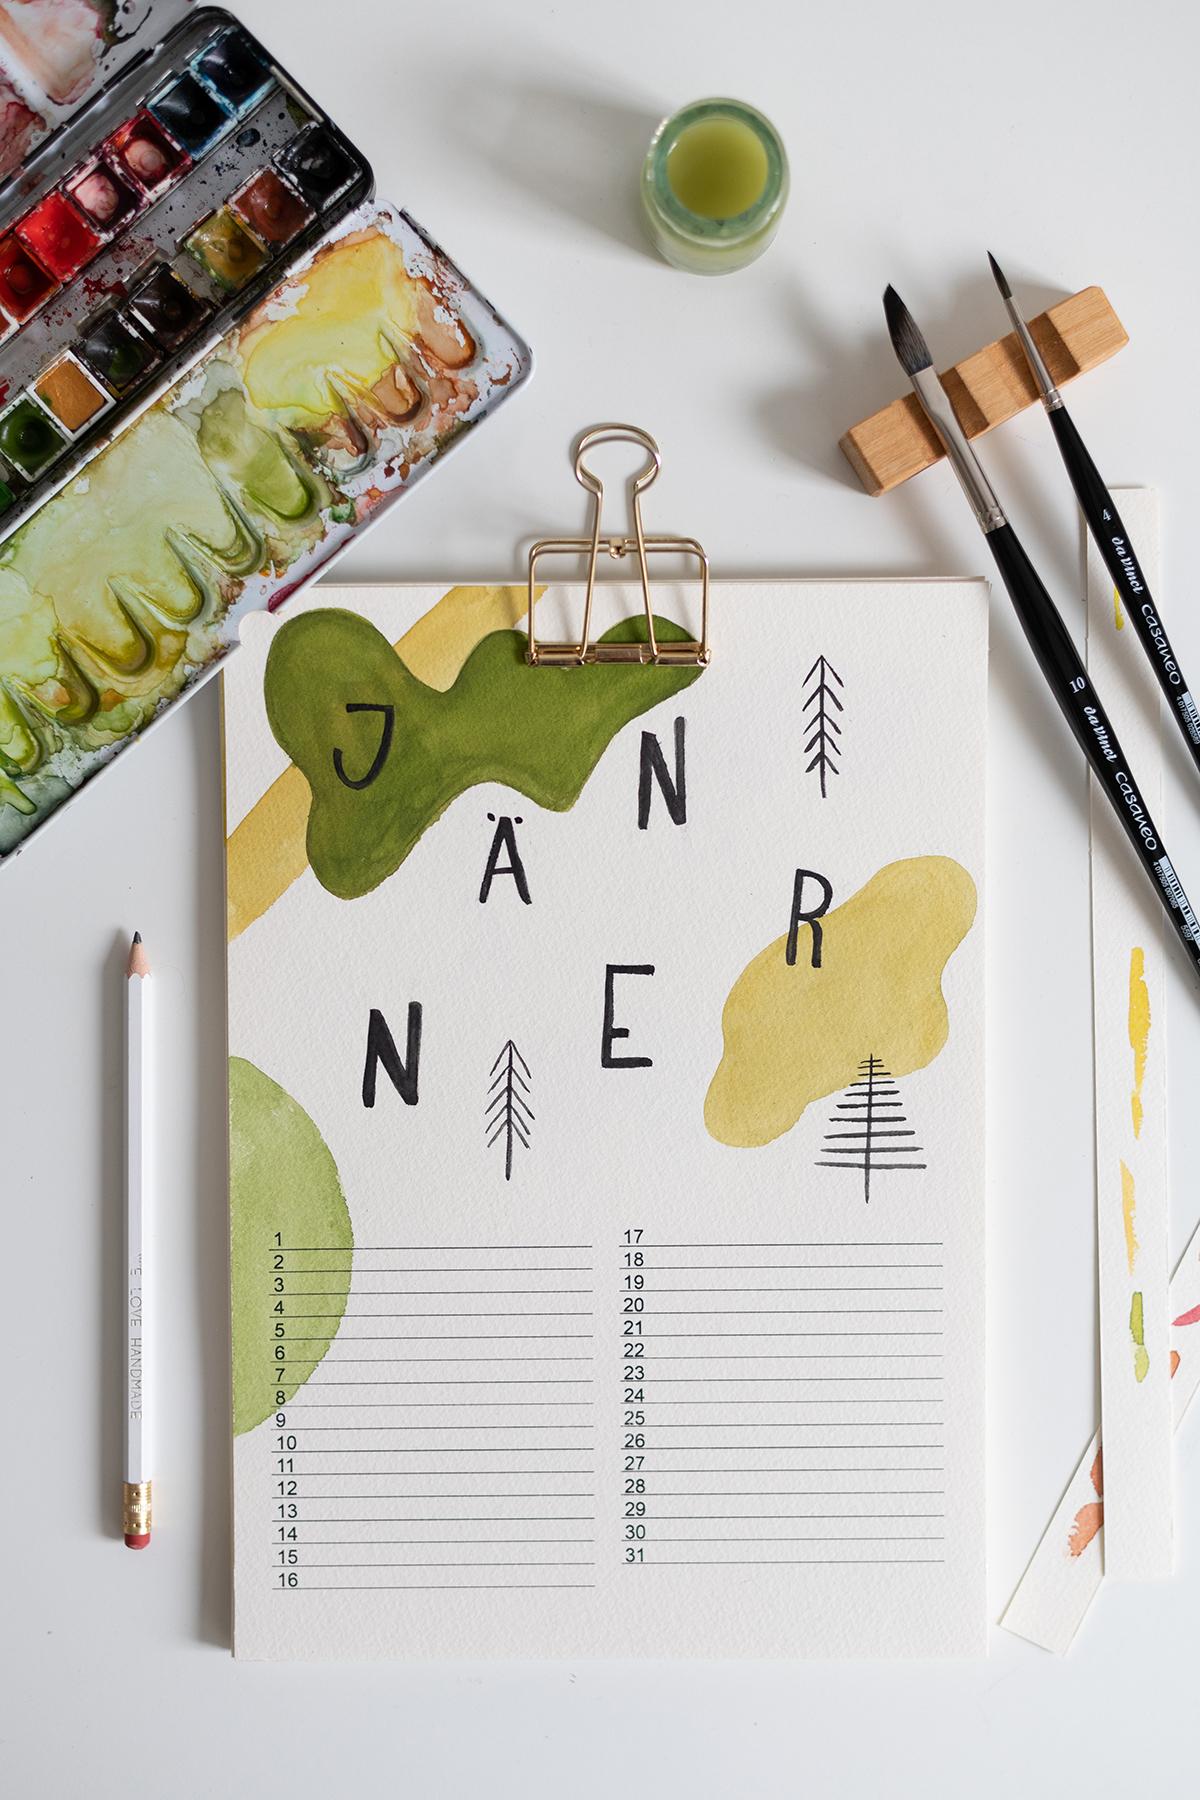 Abstrakter Wandkalender selber machen   we love handmade